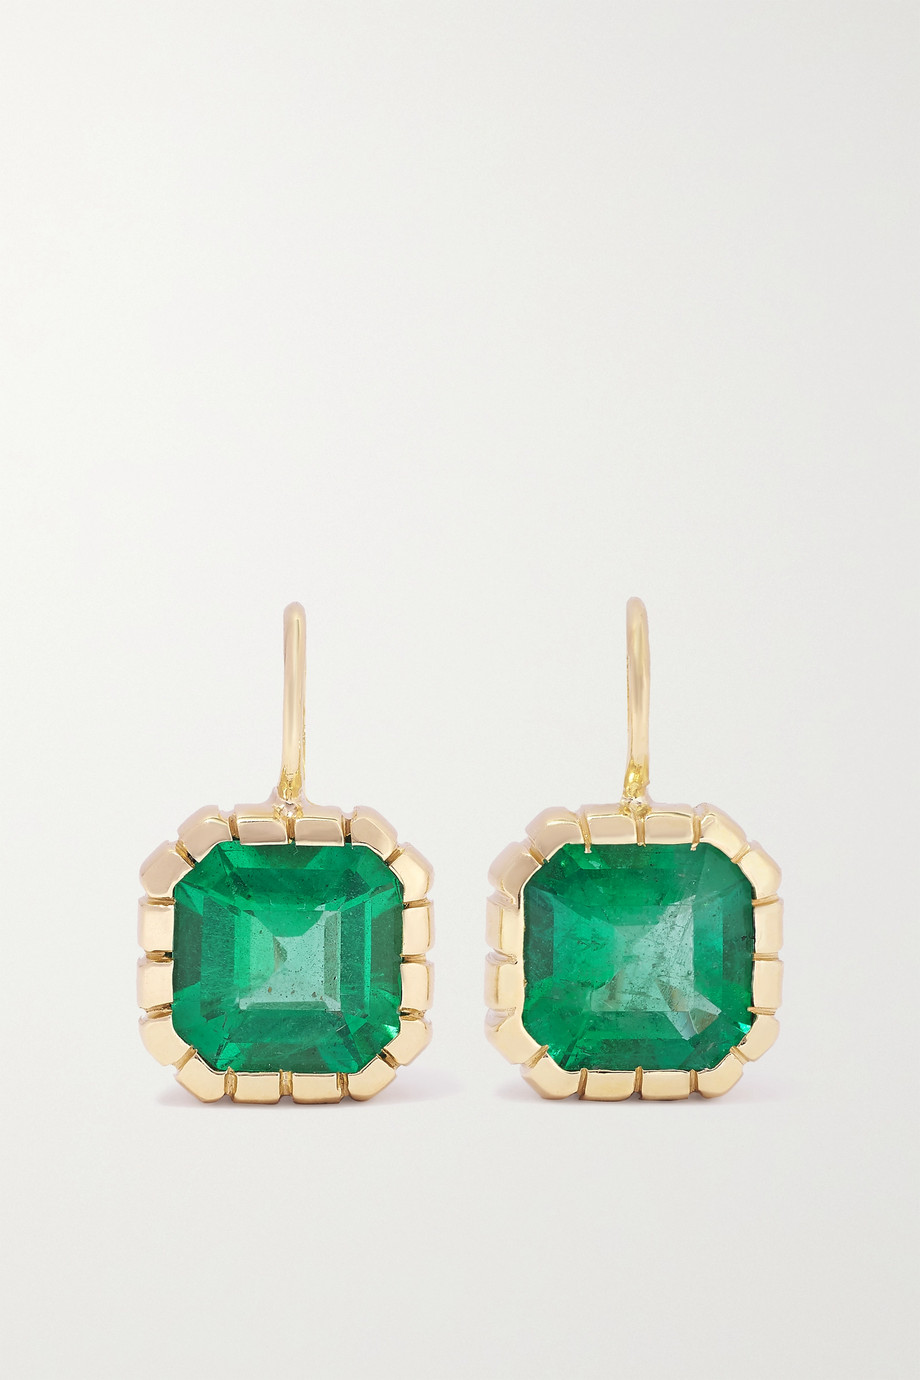 Retrouvaí Boucles d'oreilles en or 14 carats (585/1000) et émeraudes Heirloom